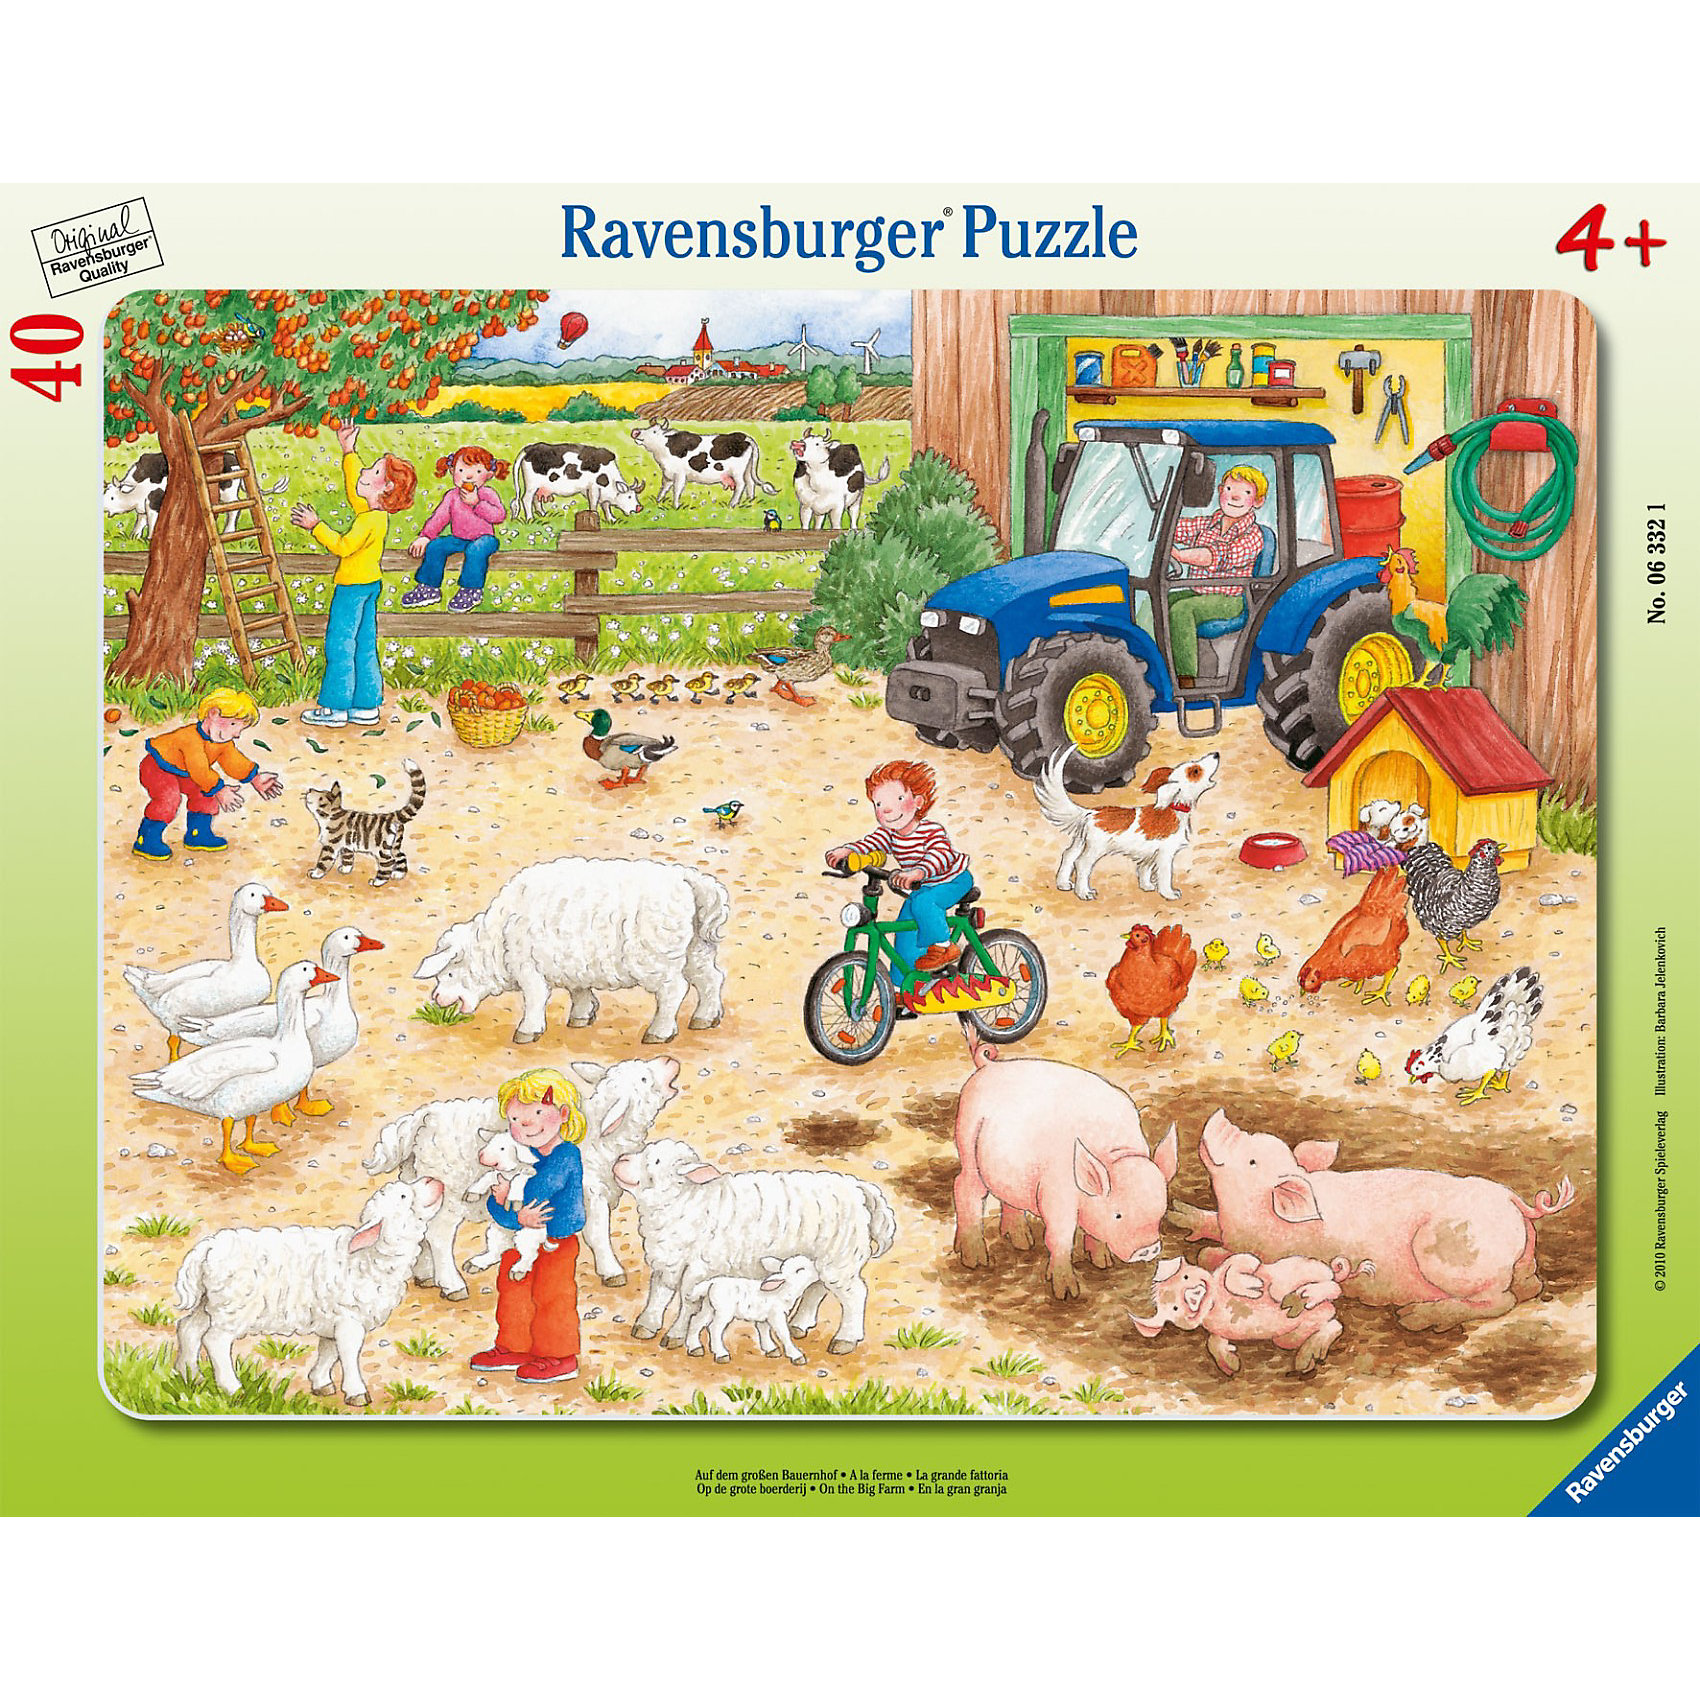 Пазл «Большое хозяйство» 40 деталей, RavensburgerКлассические пазлы<br>Собирая Пазл «Большое хозяйство» 40 деталей, Ravensburger (Равенсбургер) воедино, ребенок постепенно открывает новые фрагменты удивительной и интересной композиции повседневной жизни на ферме. На картинке малыш найдет множество домашних животных, мальчика на велосипеде, мужчину на тракторе, ребят, собирающих плоды с дерева, другие мелкие детали, которые позволят расширить кругозор и придумывать интересные сюжеты о том, как могут развиваться события на картинке. <br><br>Характеристики:<br>-Элементы идеально соединяются друг с другом, не отслаиваются с течением времени<br>-Высочайшее качество картона и полиграфии <br>-Матовая поверхность исключает отблески<br>-Развивает: память, мышление, усидчивость, мелкая моторика, наблюдательность, воображение, общий уровень интеллекта, цветовосприятие<br>-Каждая деталь отличается по форме, что упростит сборку <br>-Занимательное времяпрепровождение для всей семьи<br>-Для сохранения в собранном виде можно использовать скотч или специальный клей для пазлов (в комплект не входит)<br><br>Дополнительная информация:<br>-Материалы: картон<br>-Вес в упаковке: 400 г<br>-Размеры в упаковке: 37х29х0,5 см<br>-Размер картинки: 29х37 см<br>-Количество элементов: 40 шт.<br><br>Красочный пазл с изображением большой счастливой фермы понравится всем детям, которые любят собирать яркие картинки!<br><br>Пазл «Большое хозяйство» 40 деталей, Ravensburger (Равенсбургер) можно купить в нашем магазине.<br><br>Ширина мм: 375<br>Глубина мм: 292<br>Высота мм: 10<br>Вес г: 305<br>Возраст от месяцев: 48<br>Возраст до месяцев: 72<br>Пол: Унисекс<br>Возраст: Детский<br>Количество деталей: 40<br>SKU: 1979900